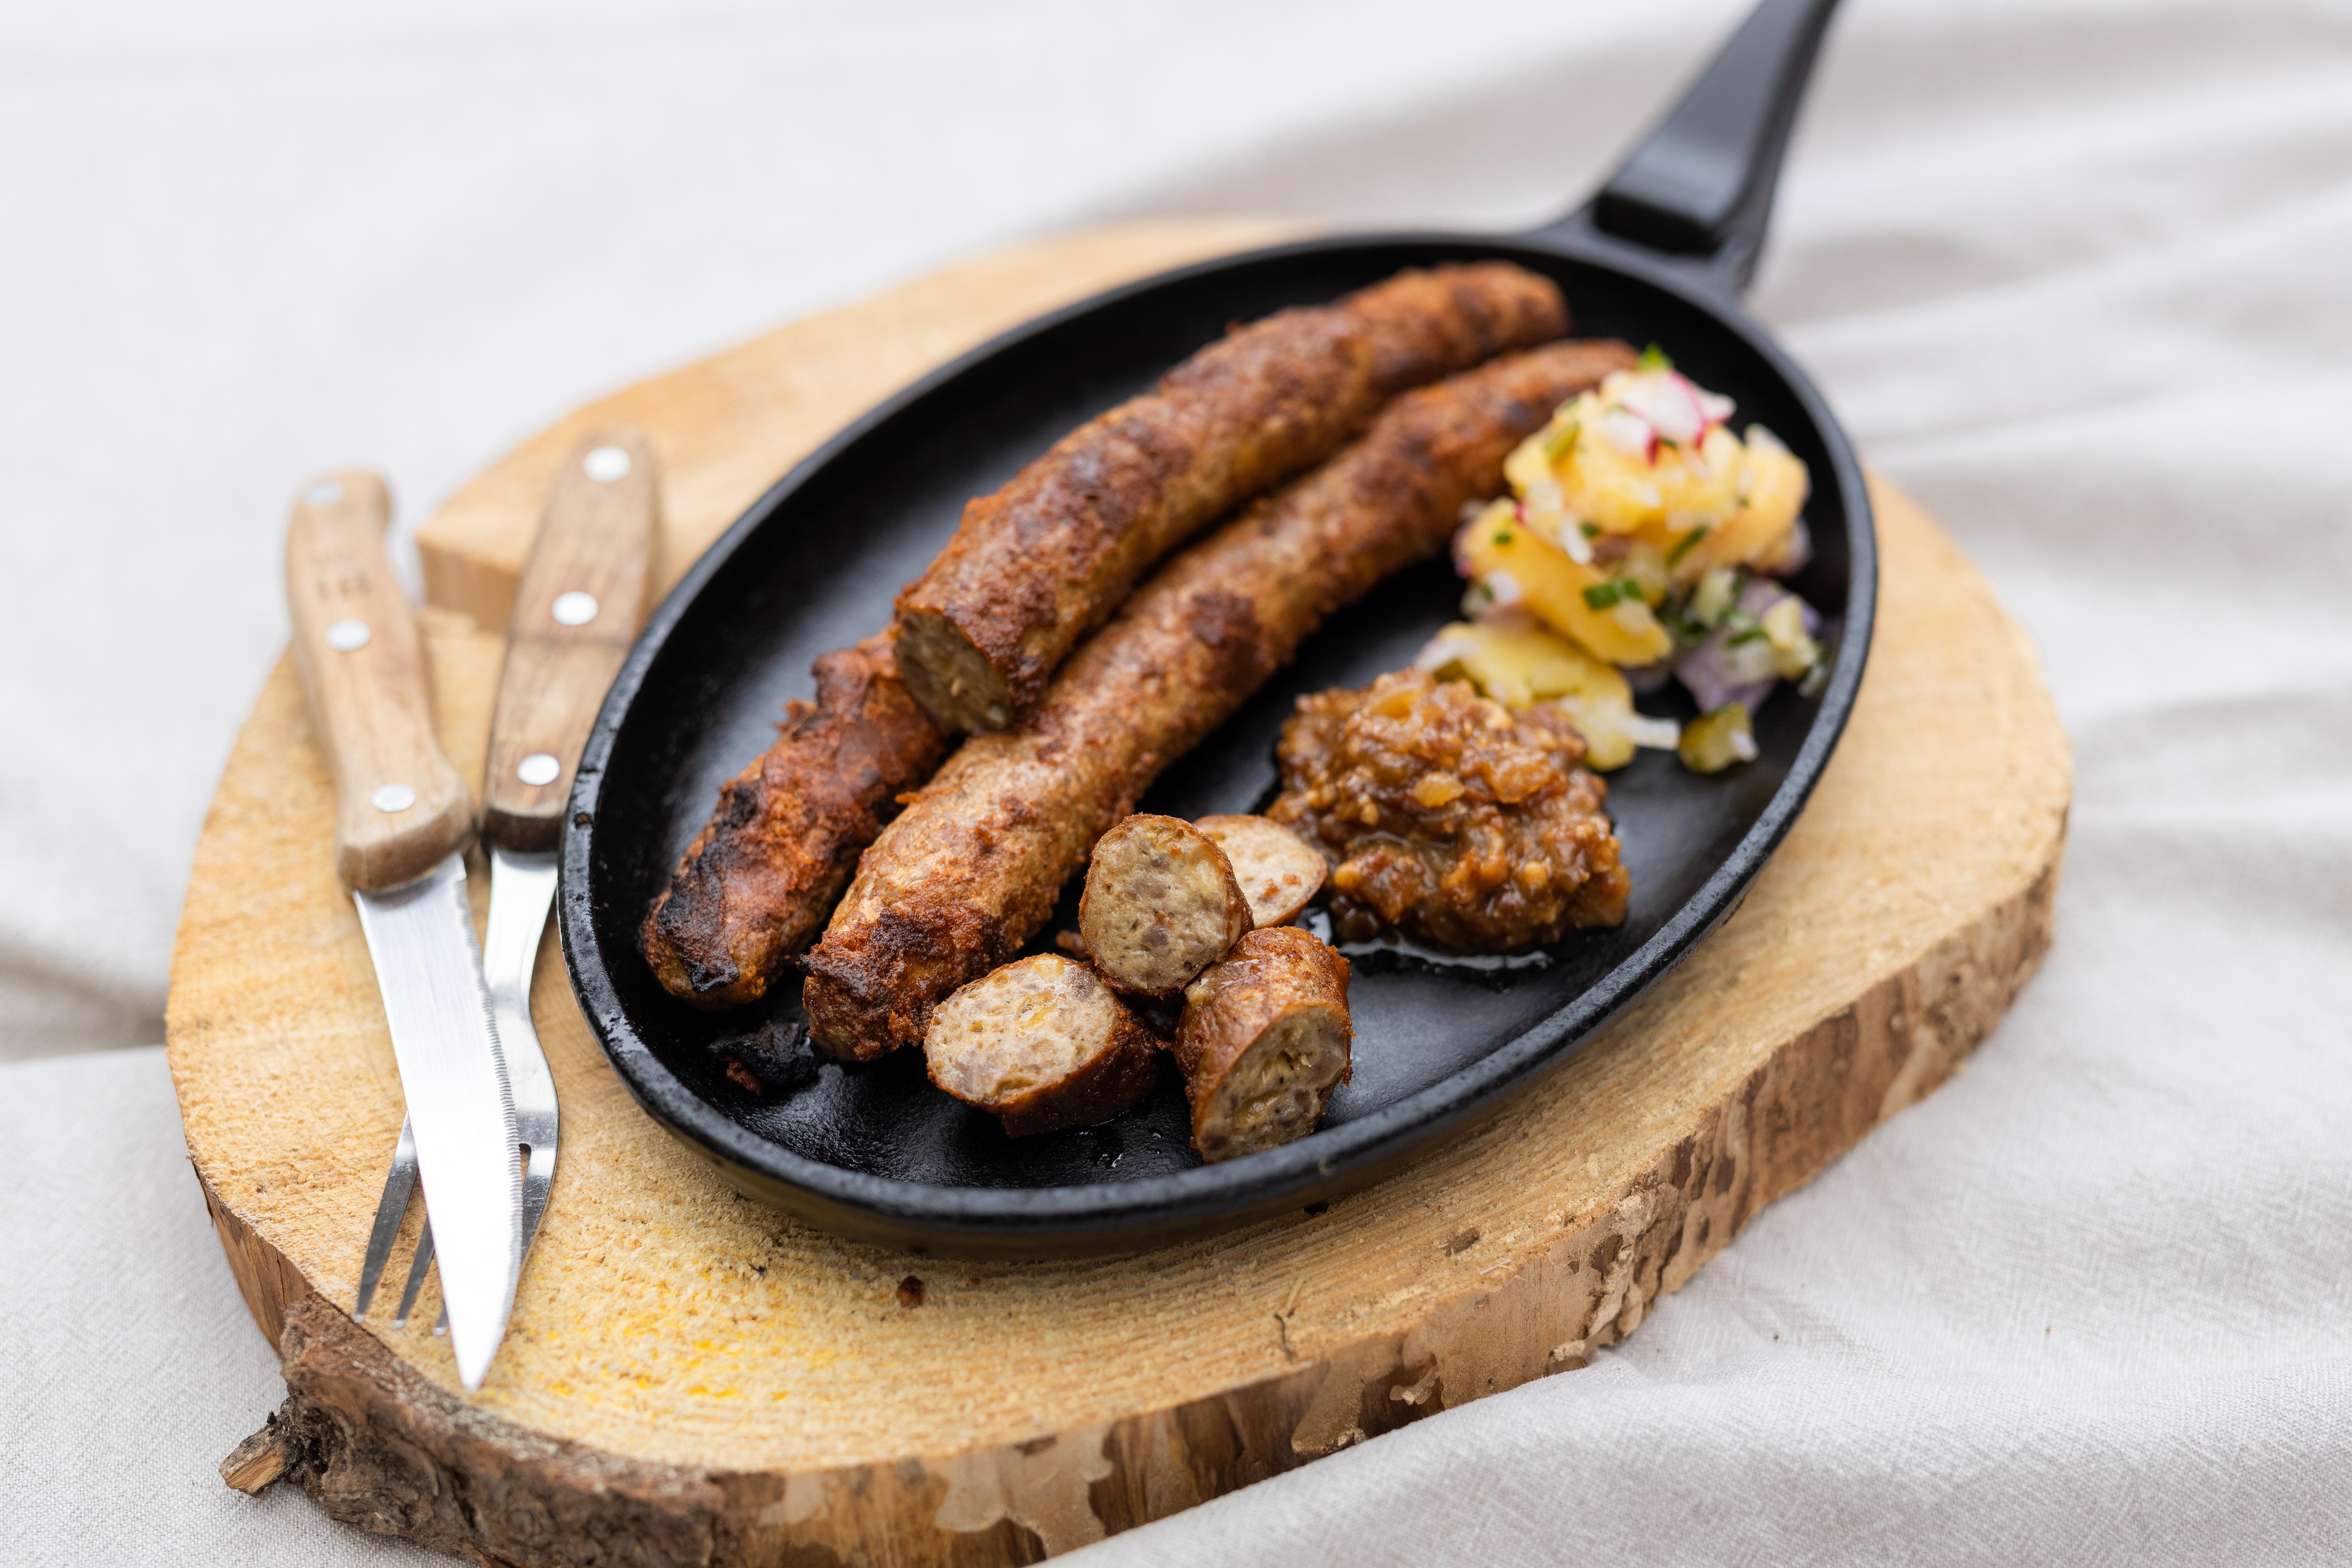 Drei Cheesburger Bratwürste in einer Pfanne. Einige Stücke sind abgeschnitten. Daneben Saucen und Salatbeilage. Unter der Pfanne ein Brett und Besteck daneben.